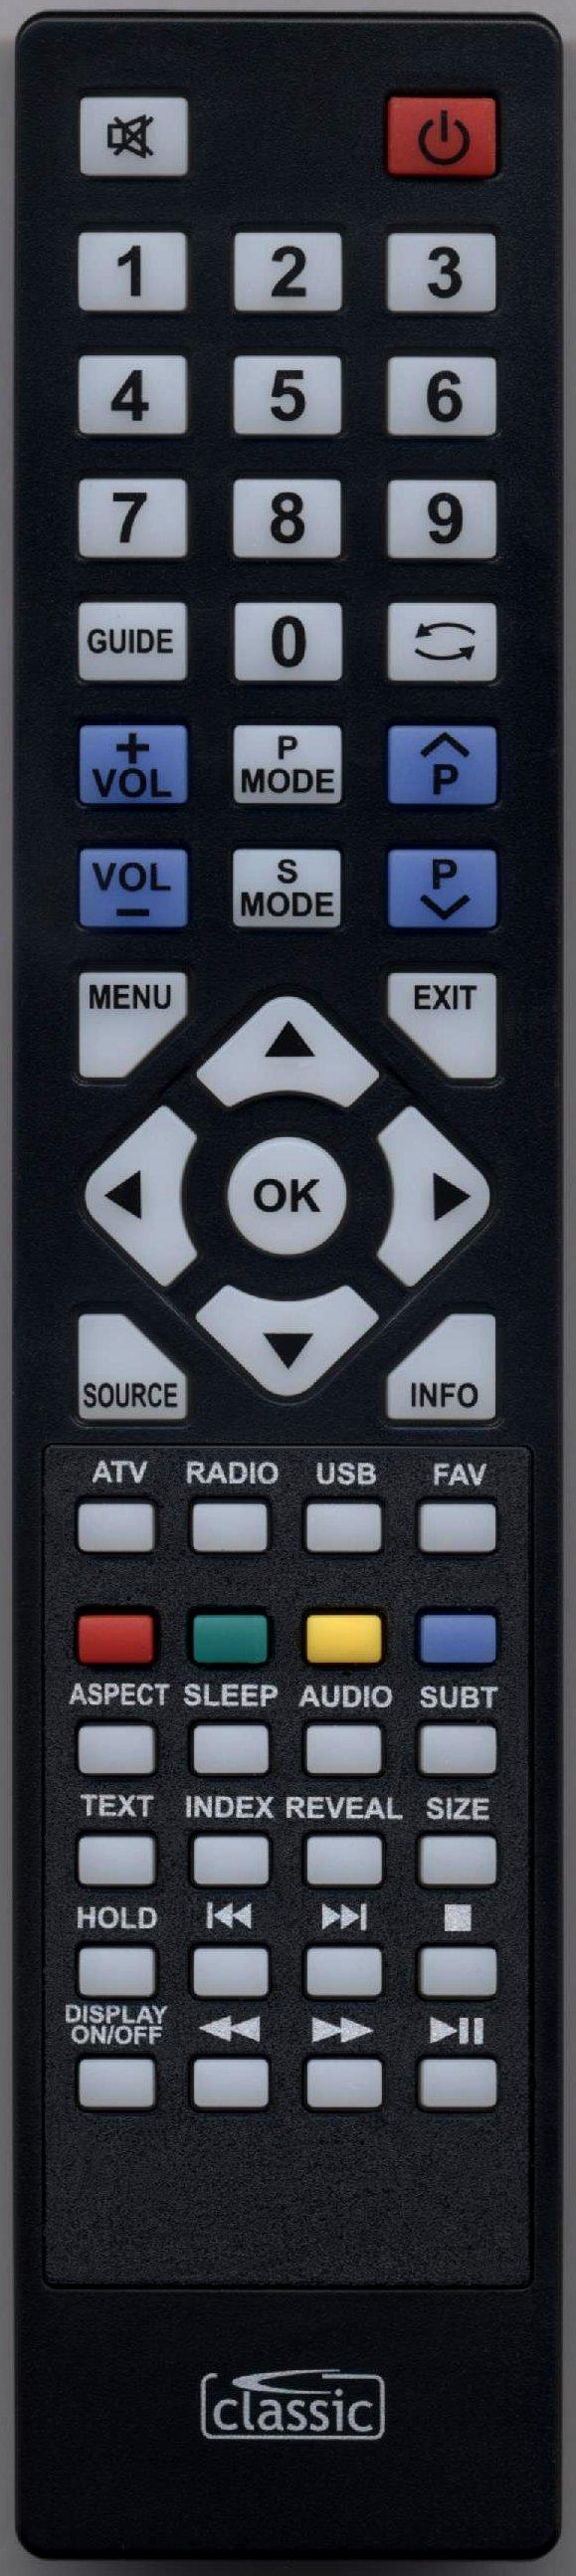 BLAUPUNKT 32131JGB1B3HCUUK Remote Control Alternative